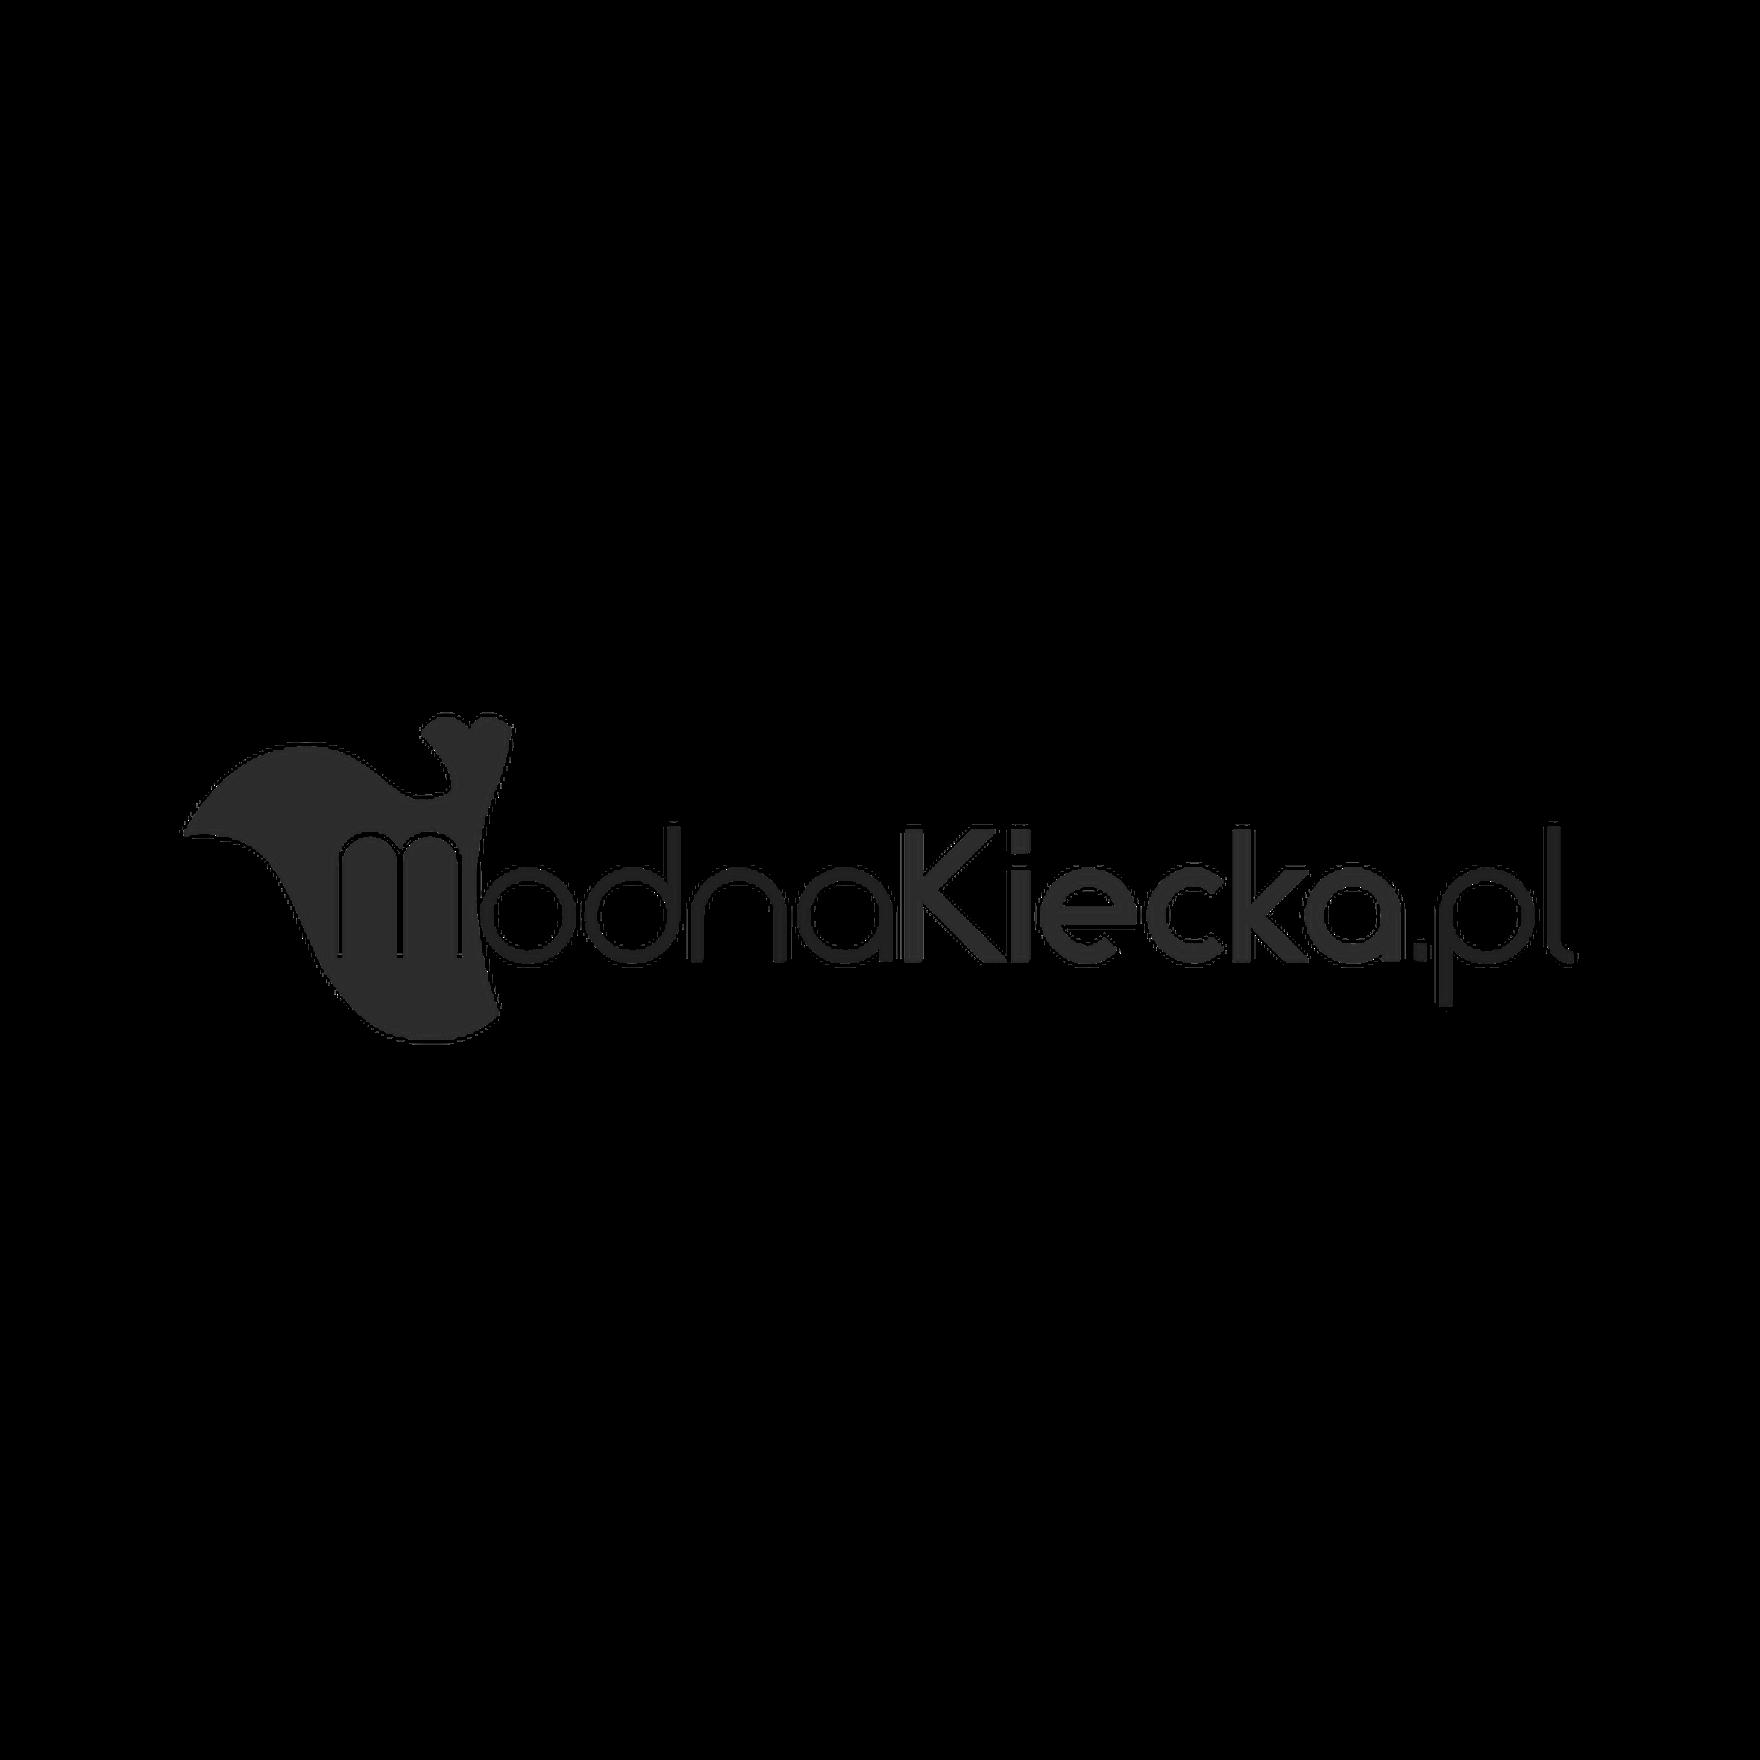 Modnakiecka.pl